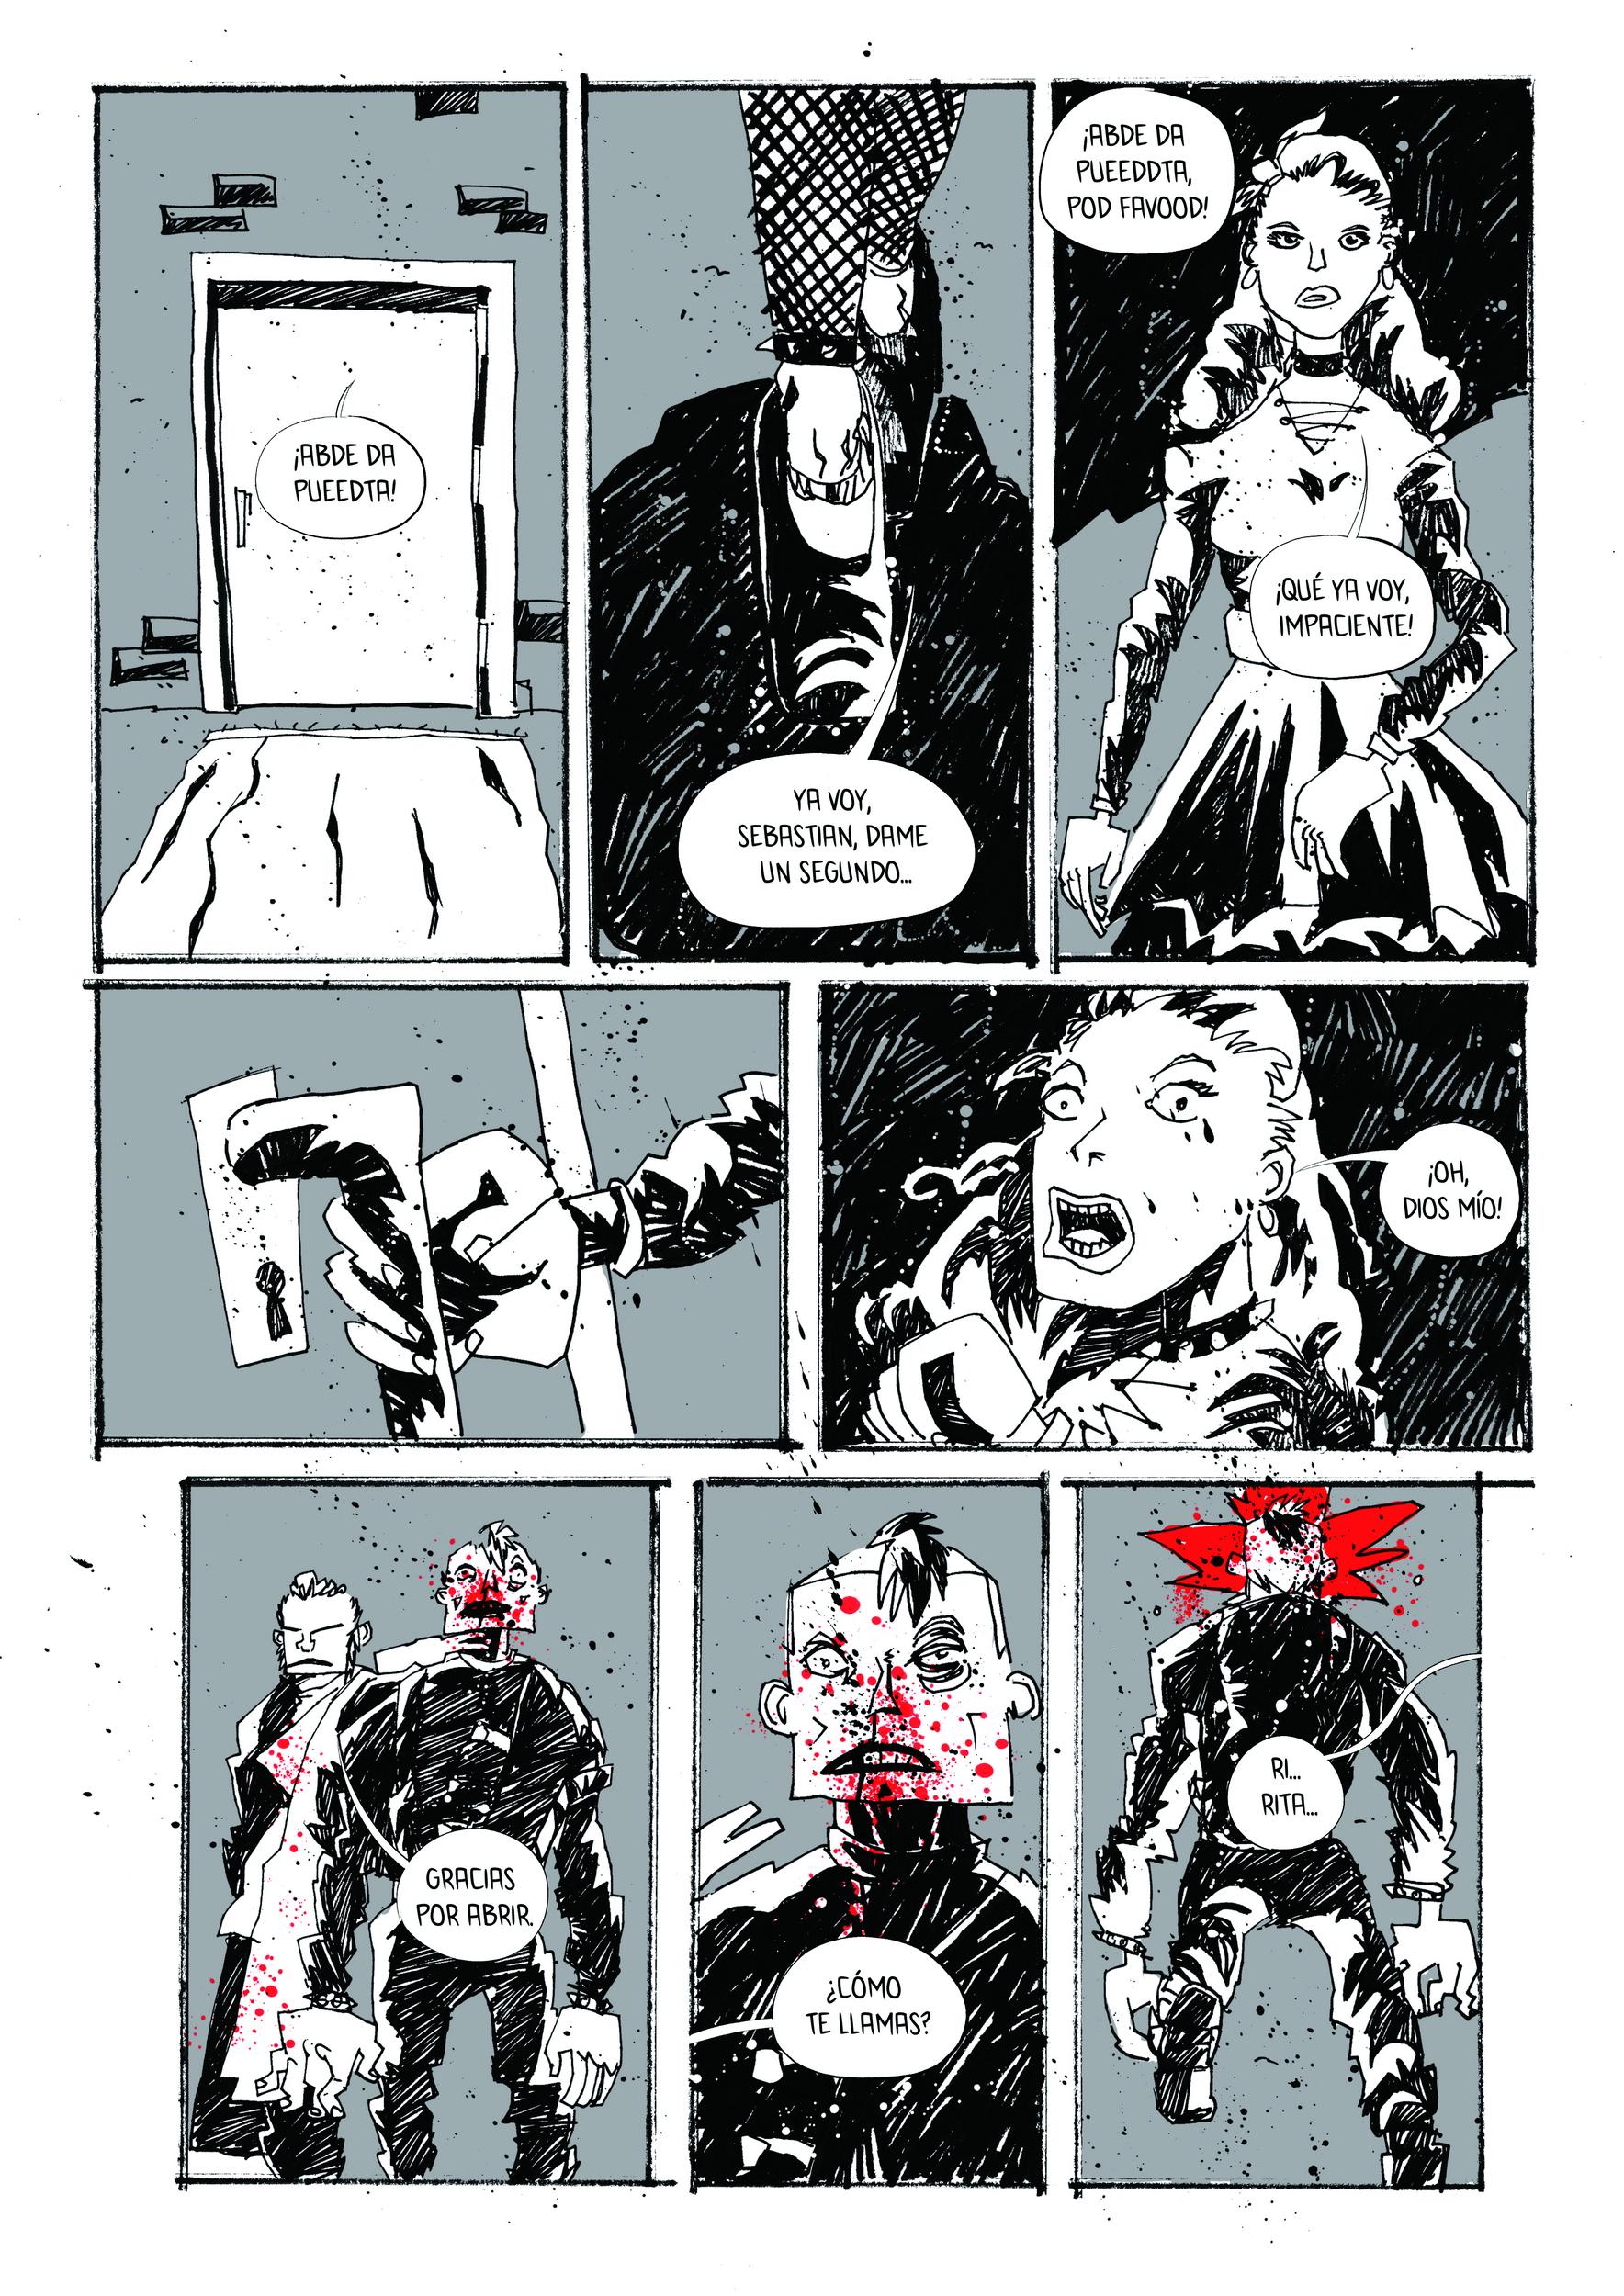 05_Hugo Martín Crespo y Alejandro Cruz Santana_Grind_pagina00008_2500_0021